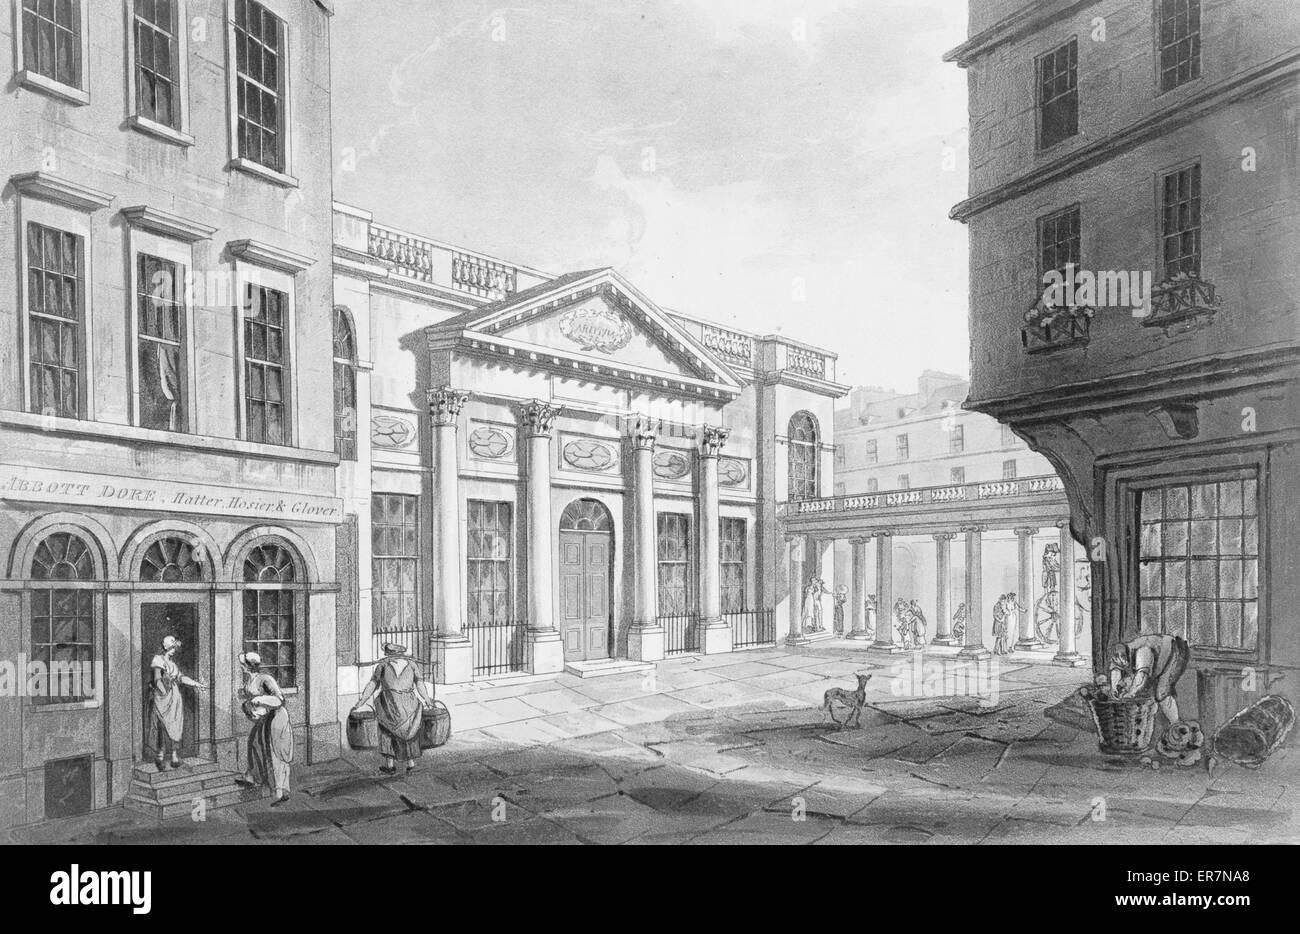 La Chambre De Pompe C Imprimer Montre Scène De Rue à Bath